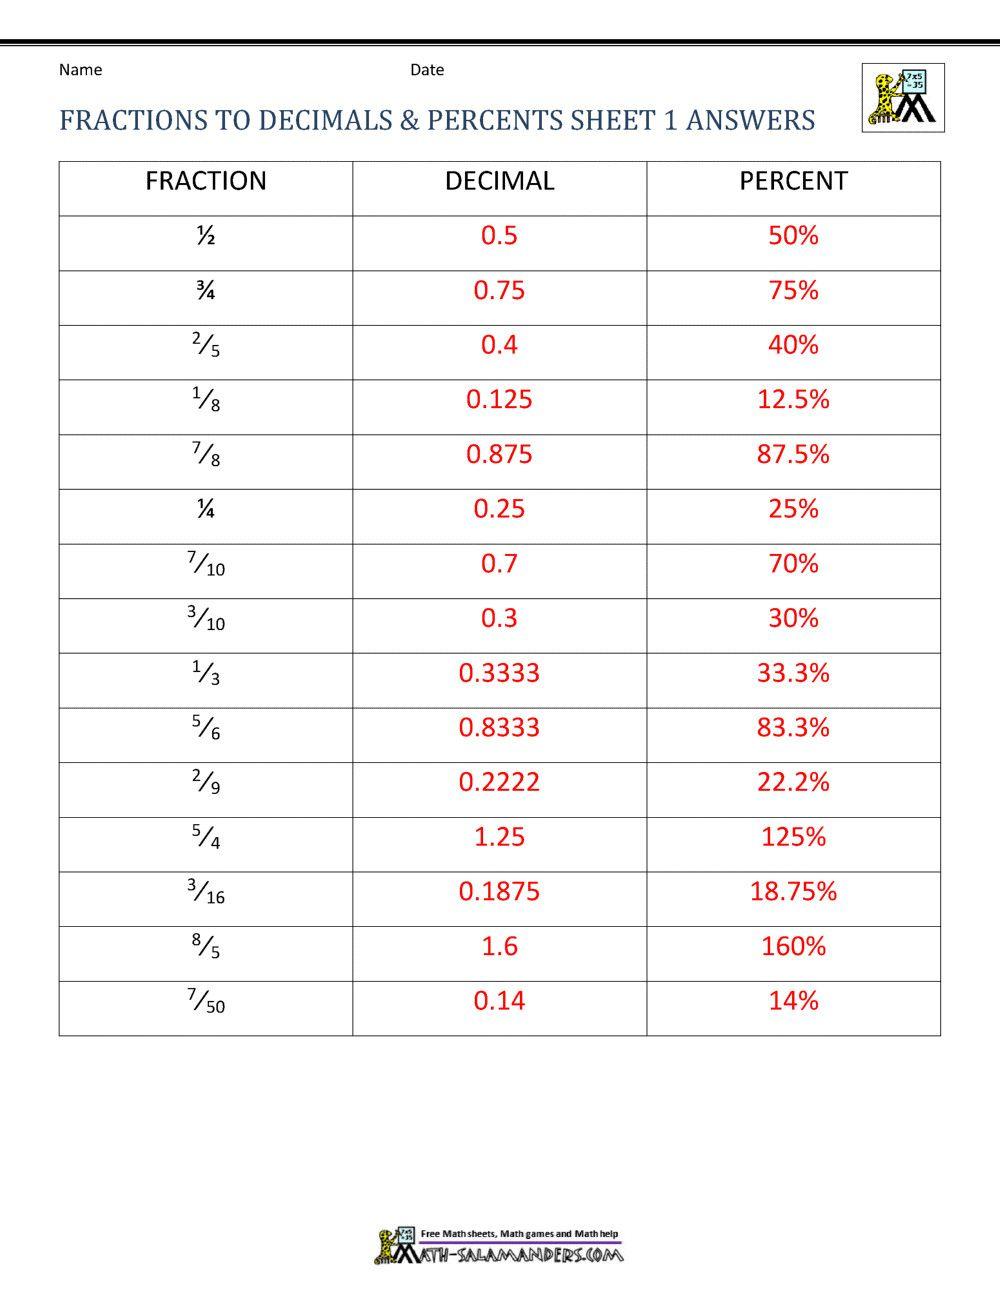 2 Fraction Decimal Percent Word Problems Pdf Fractions Decimals Percents Worksh In 2020 Fractions To Decimals Worksheet Decimals Worksheets Fractions Decimals Percents